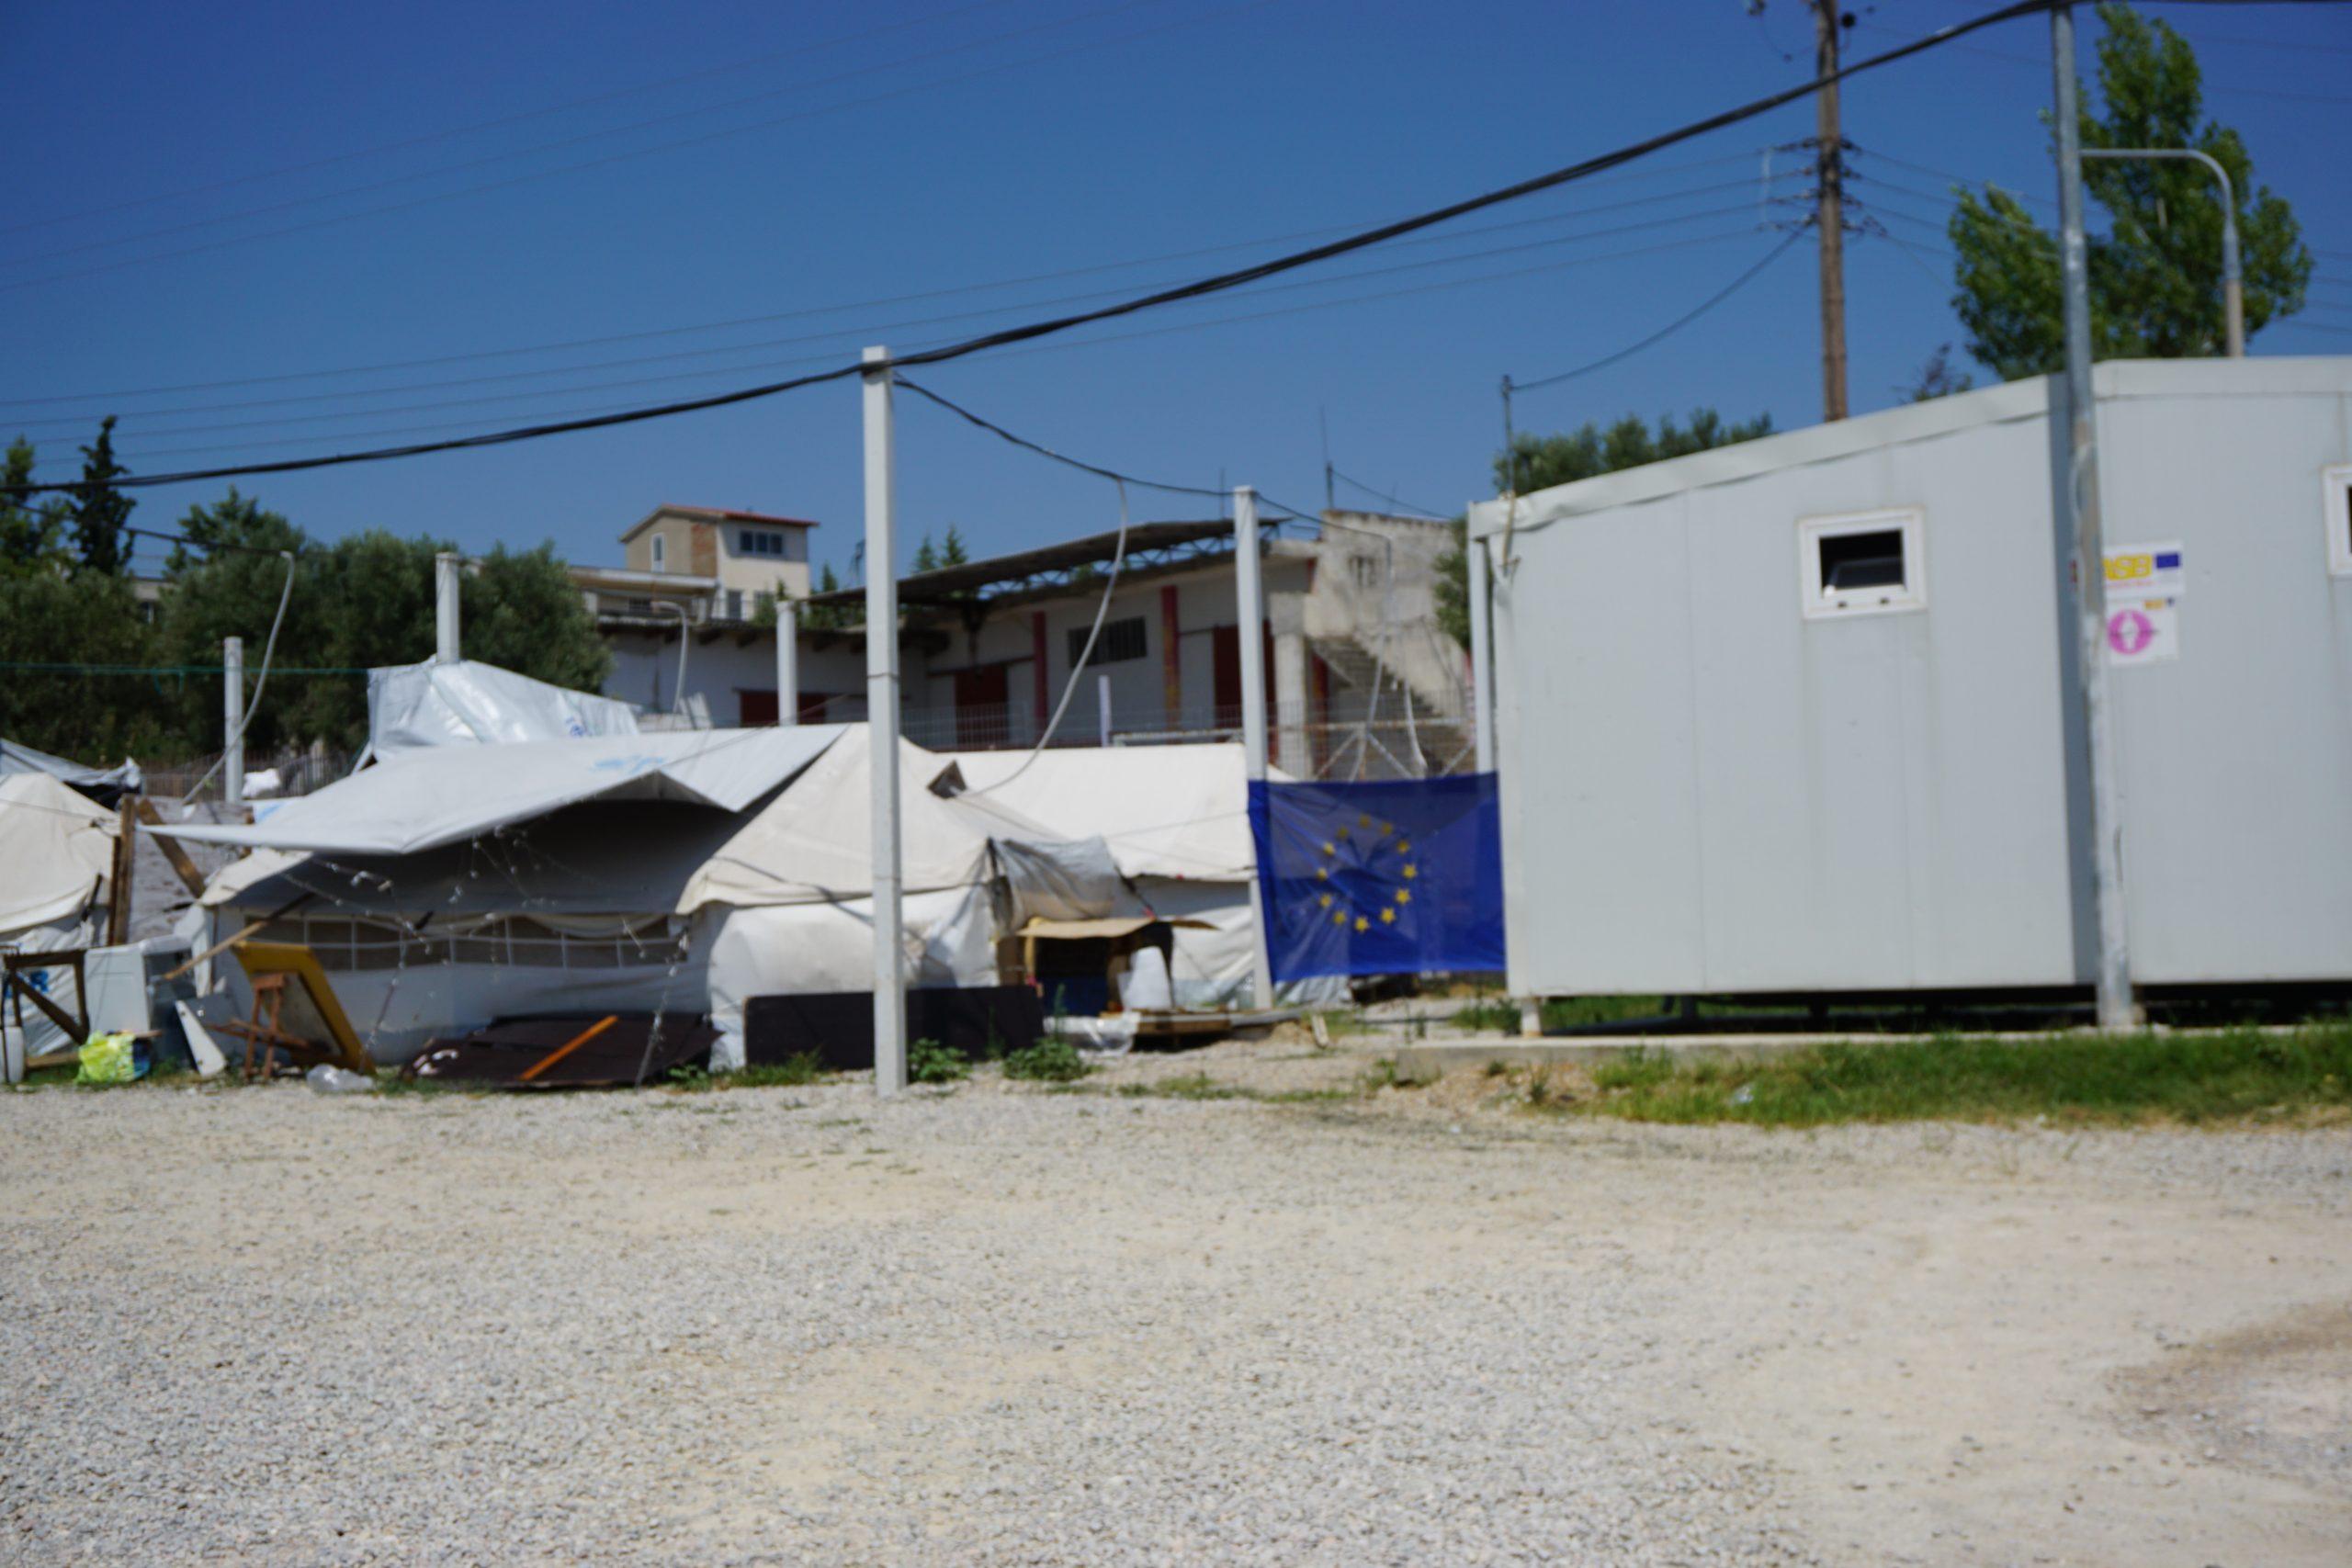 Na niektórych namiotach widać unijną flagę